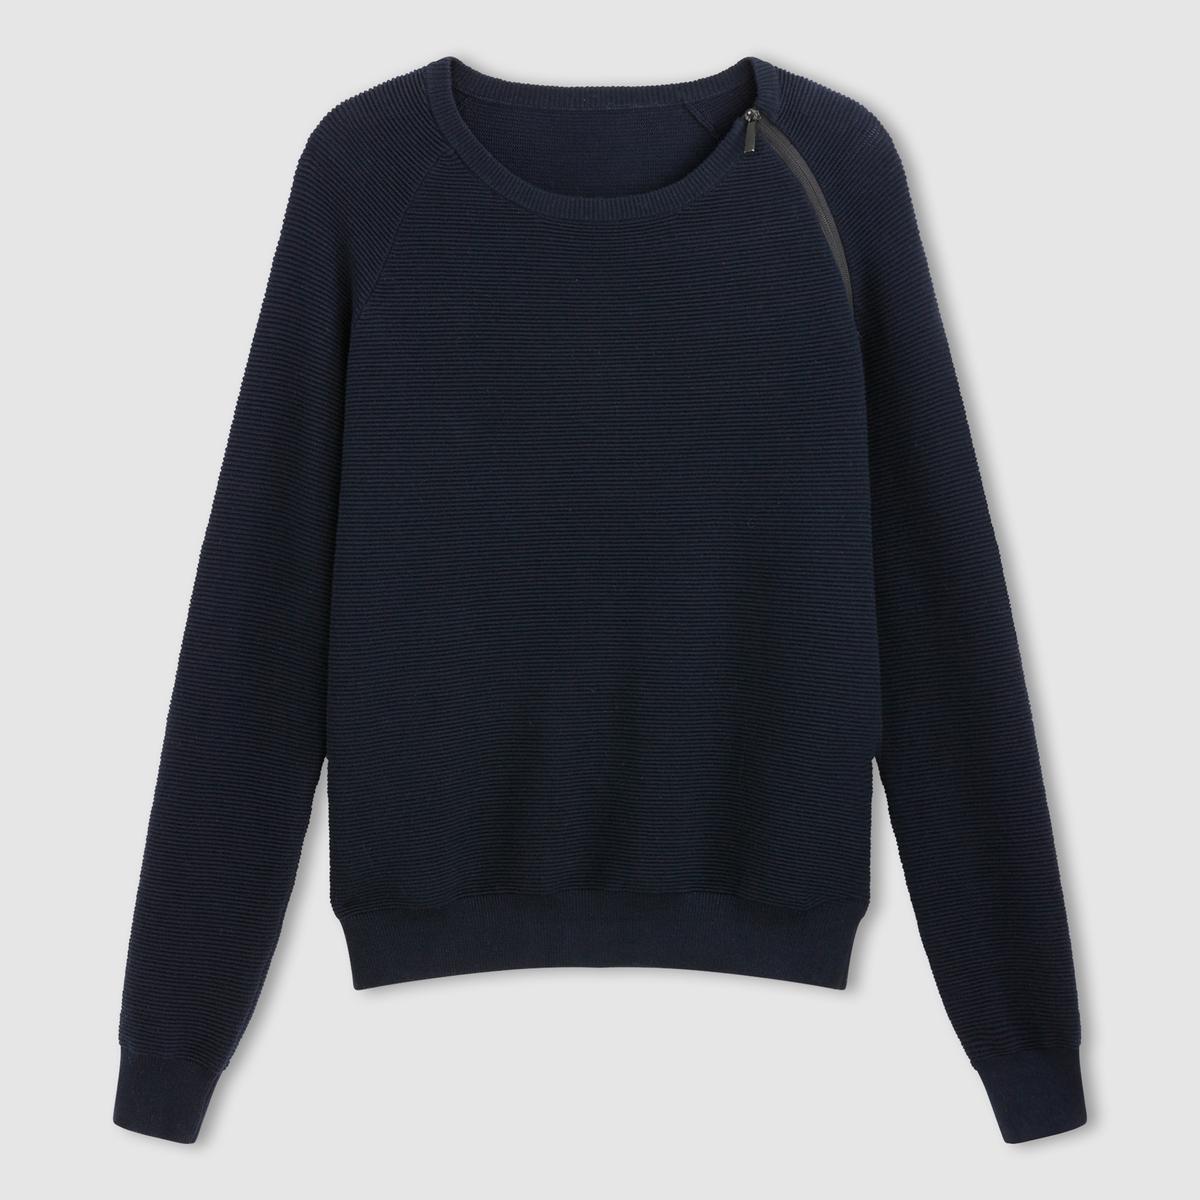 Пуловер с круглым вырезом и длинными рукавамиПуловер из трикотажа 75% хлопка, 25% полиамида. Длинные рукава . Круглый вырез . Застежка на молнию на плече . Края низа и манжет связаны в рубчик . Длина 69 см.<br><br>Цвет: серый меланж,темно-синий<br>Размер: S